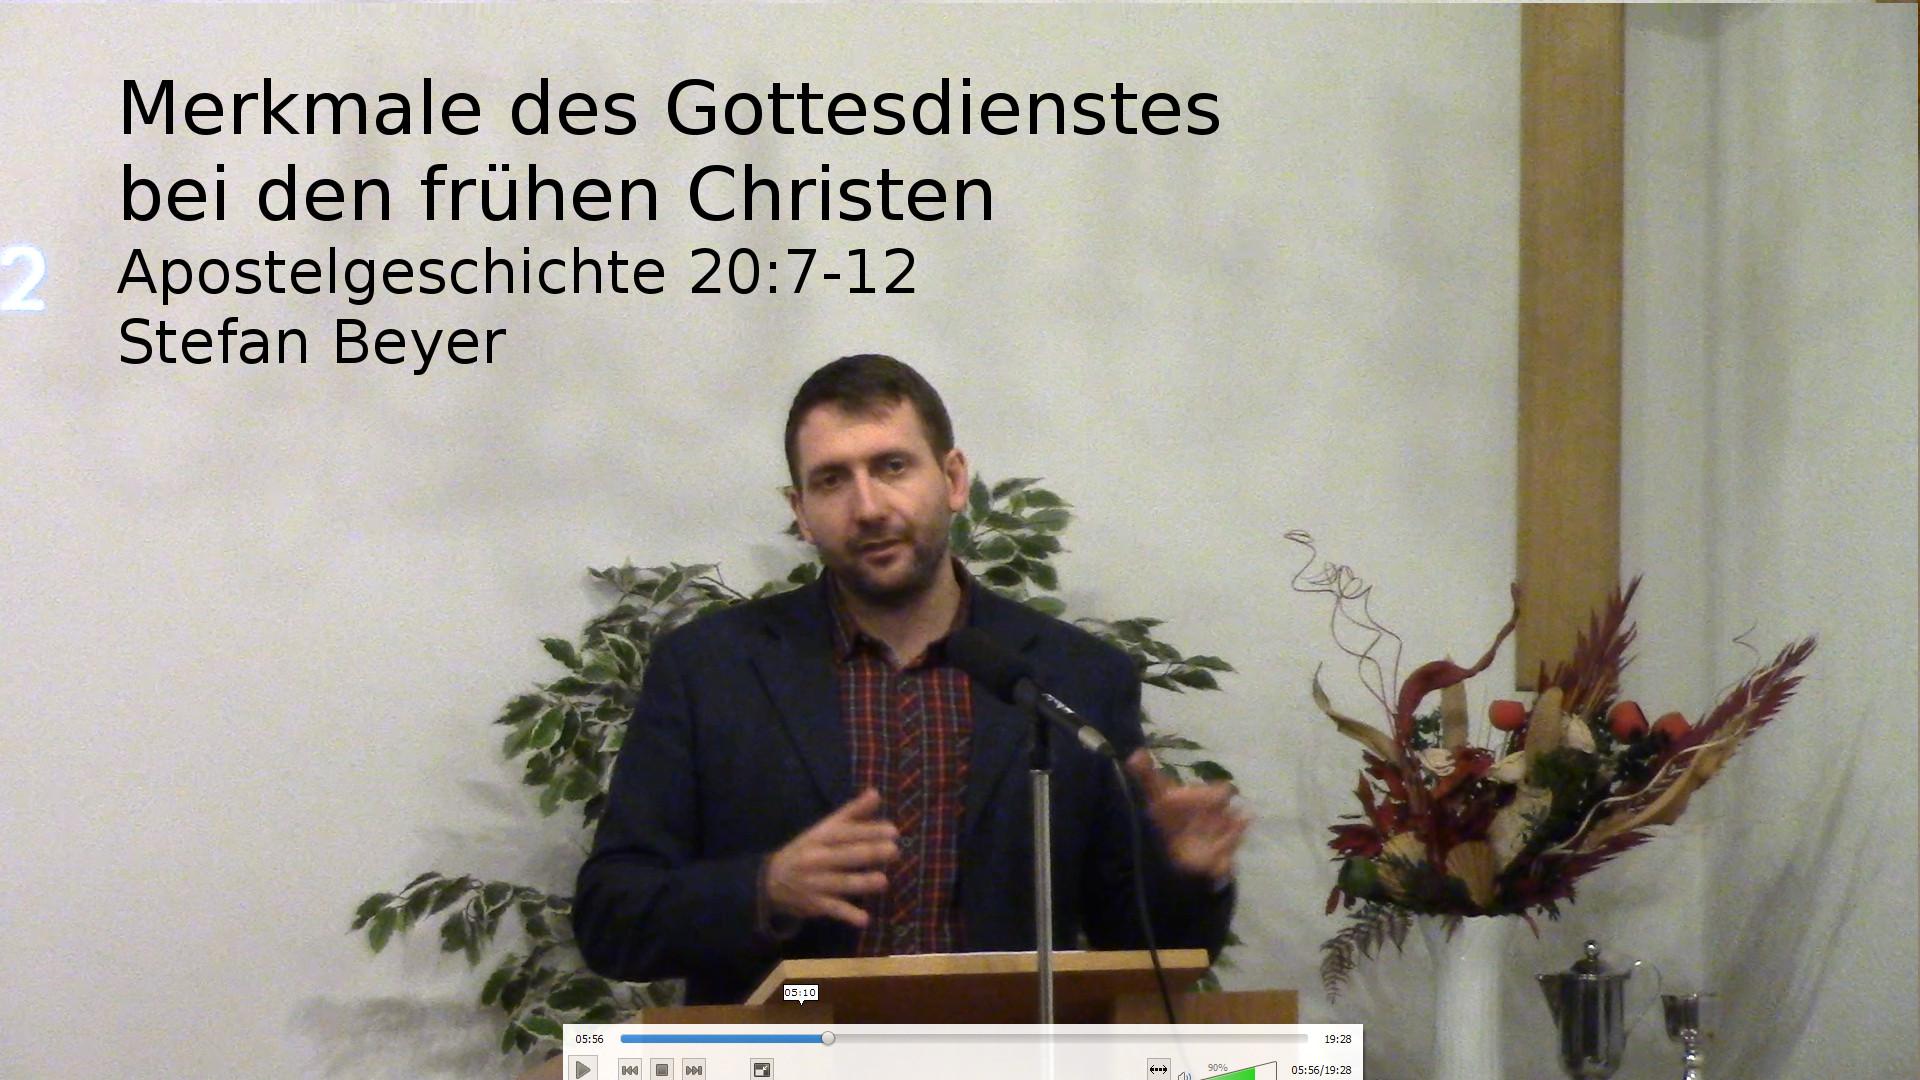 Merkmale des Gottesdienstes bei den frühen Christen